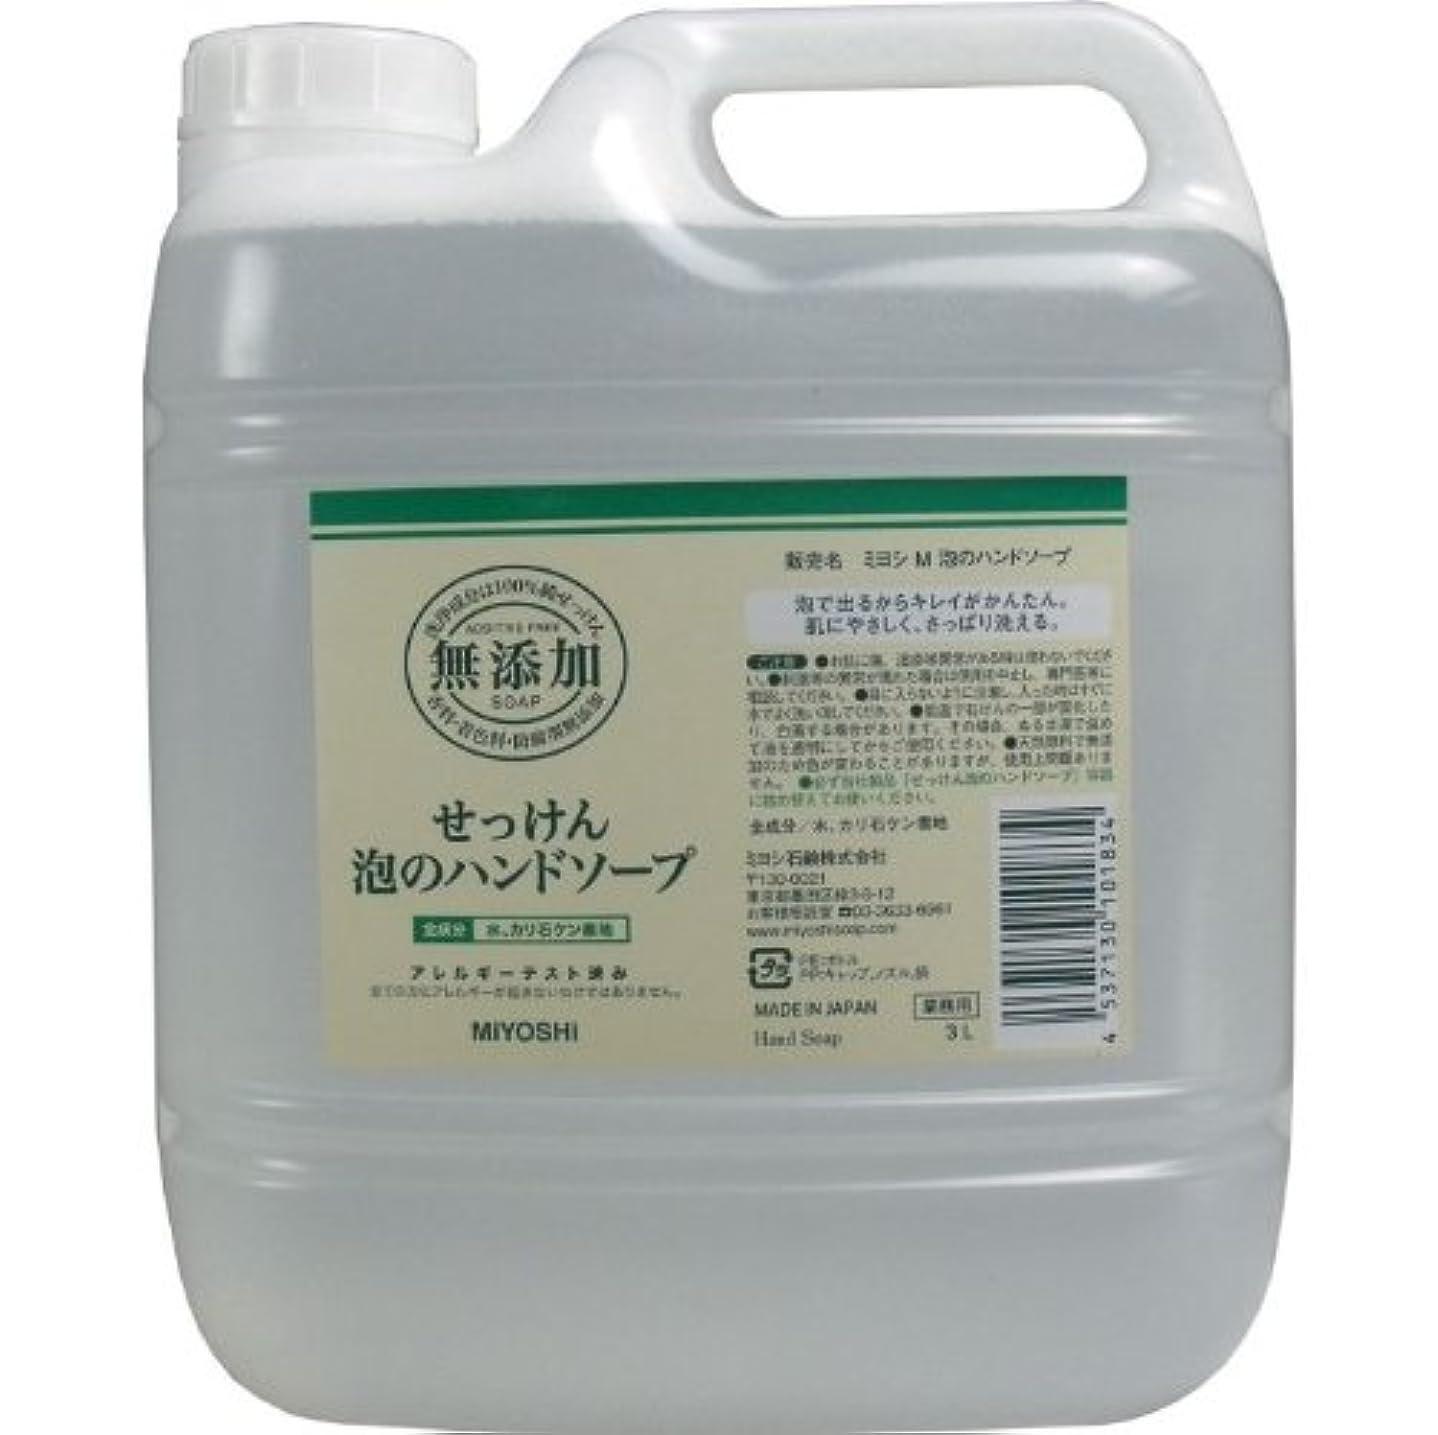 登録マーキー筋肉の泡で出るからキレイが簡単!家事の間のサッと洗いも簡単!香料、着色料、防腐剤無添加!(業務用)3L【2個セット】